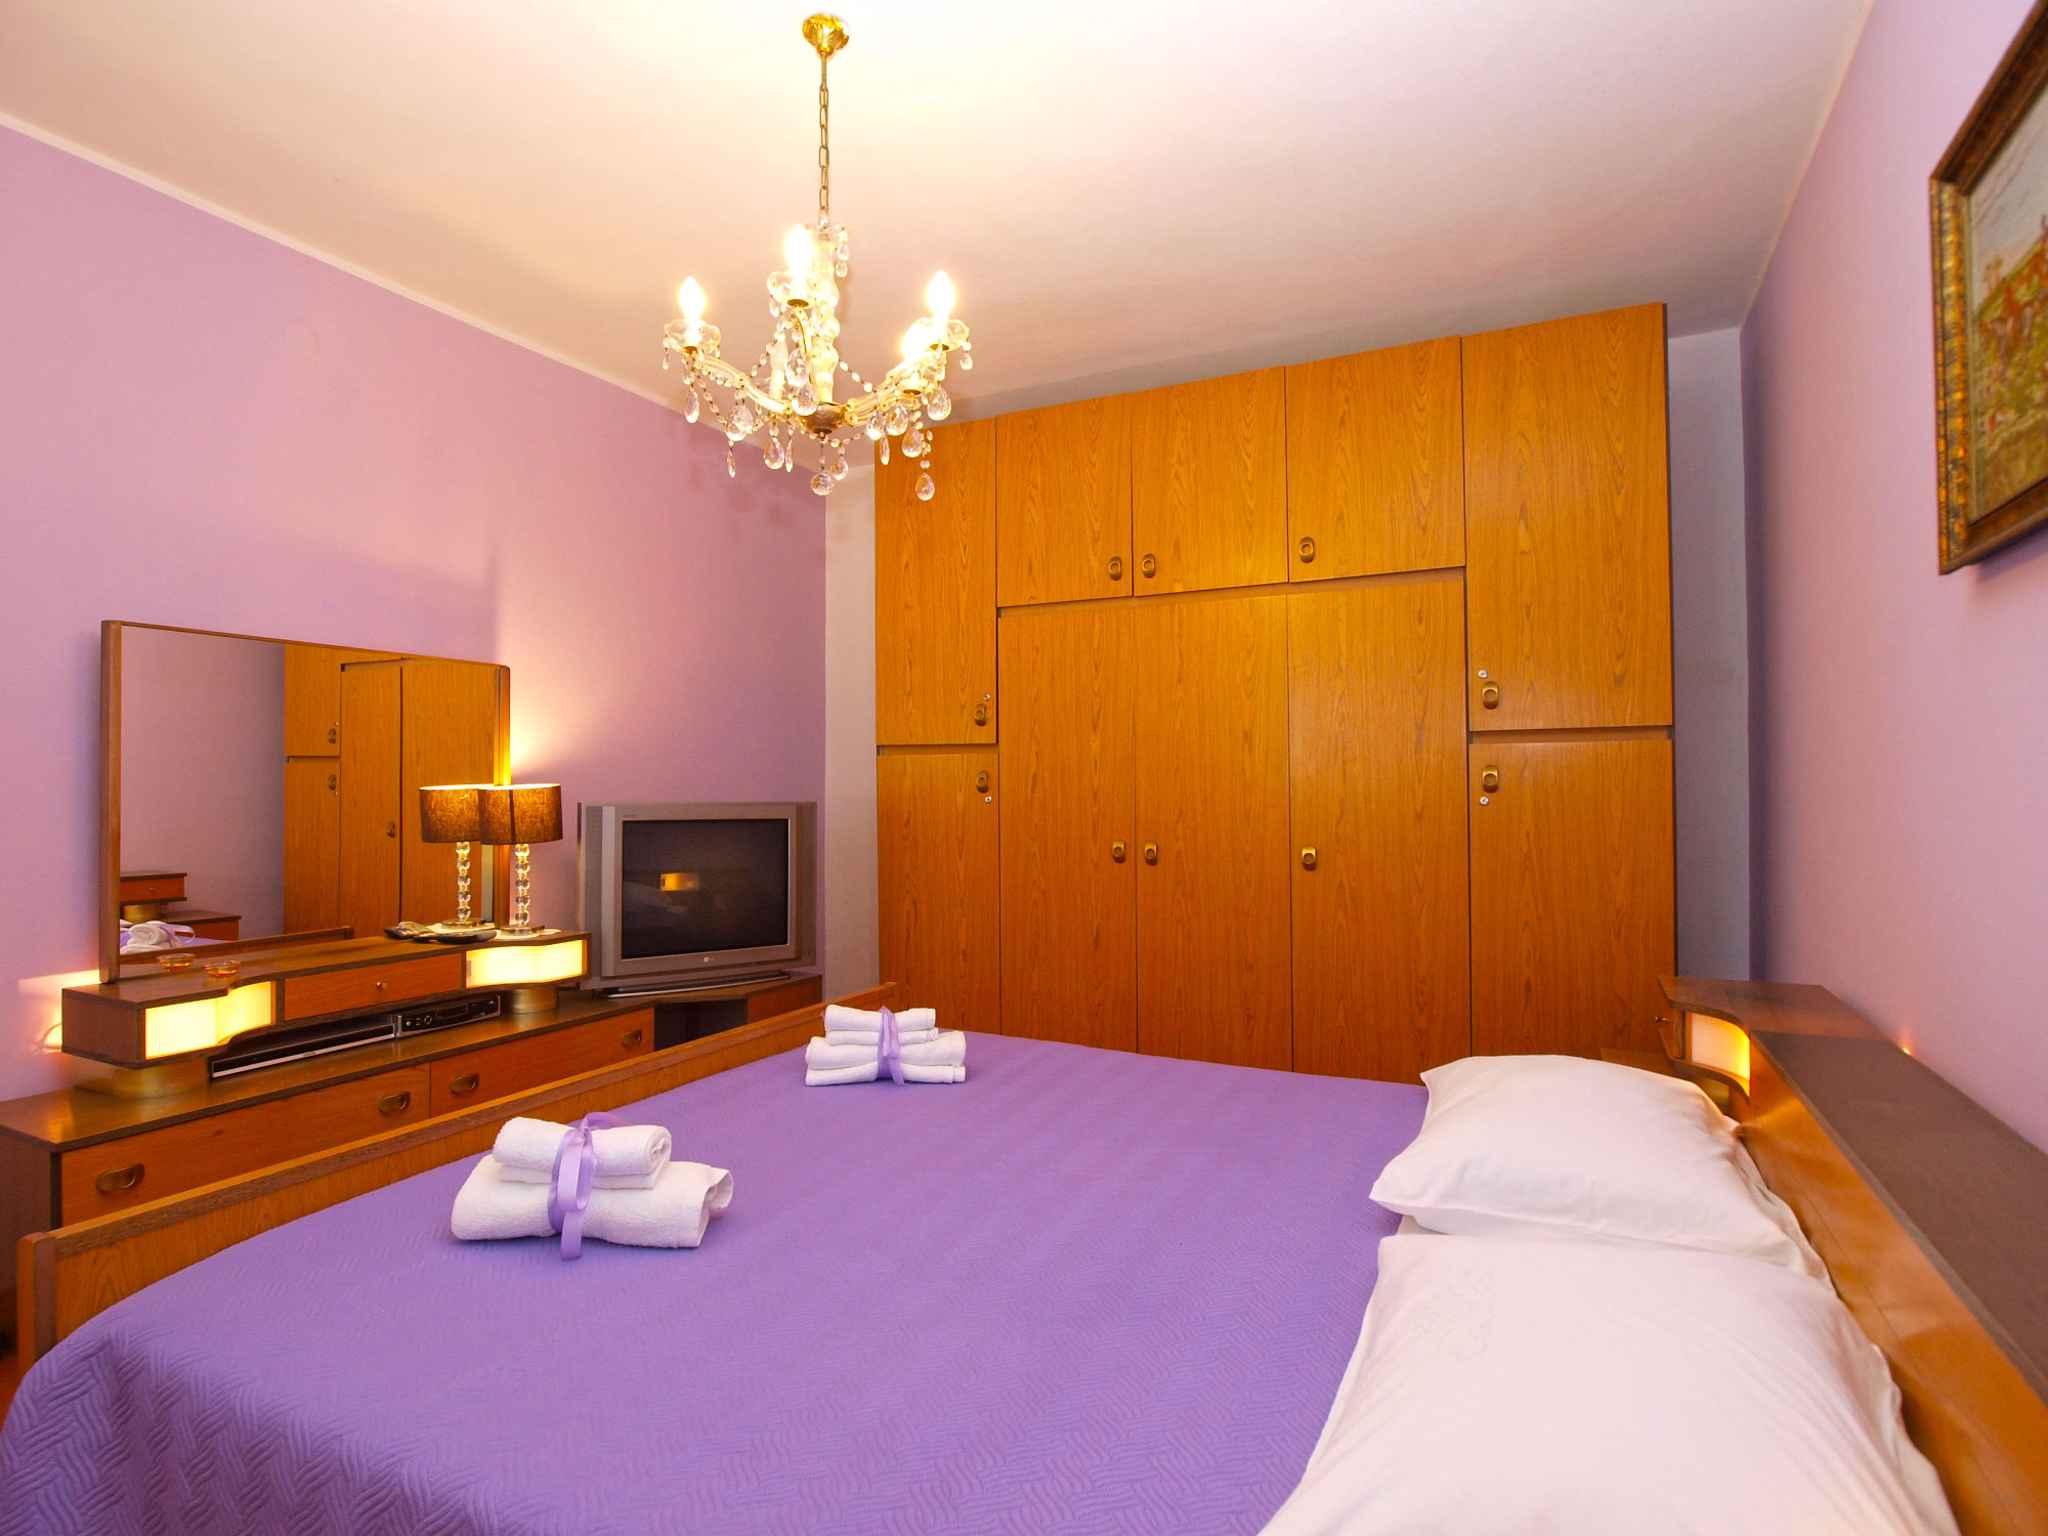 Ferienhaus mit Pool und Klimaanlage (2185591), Marcana, , Istrien, Kroatien, Bild 21